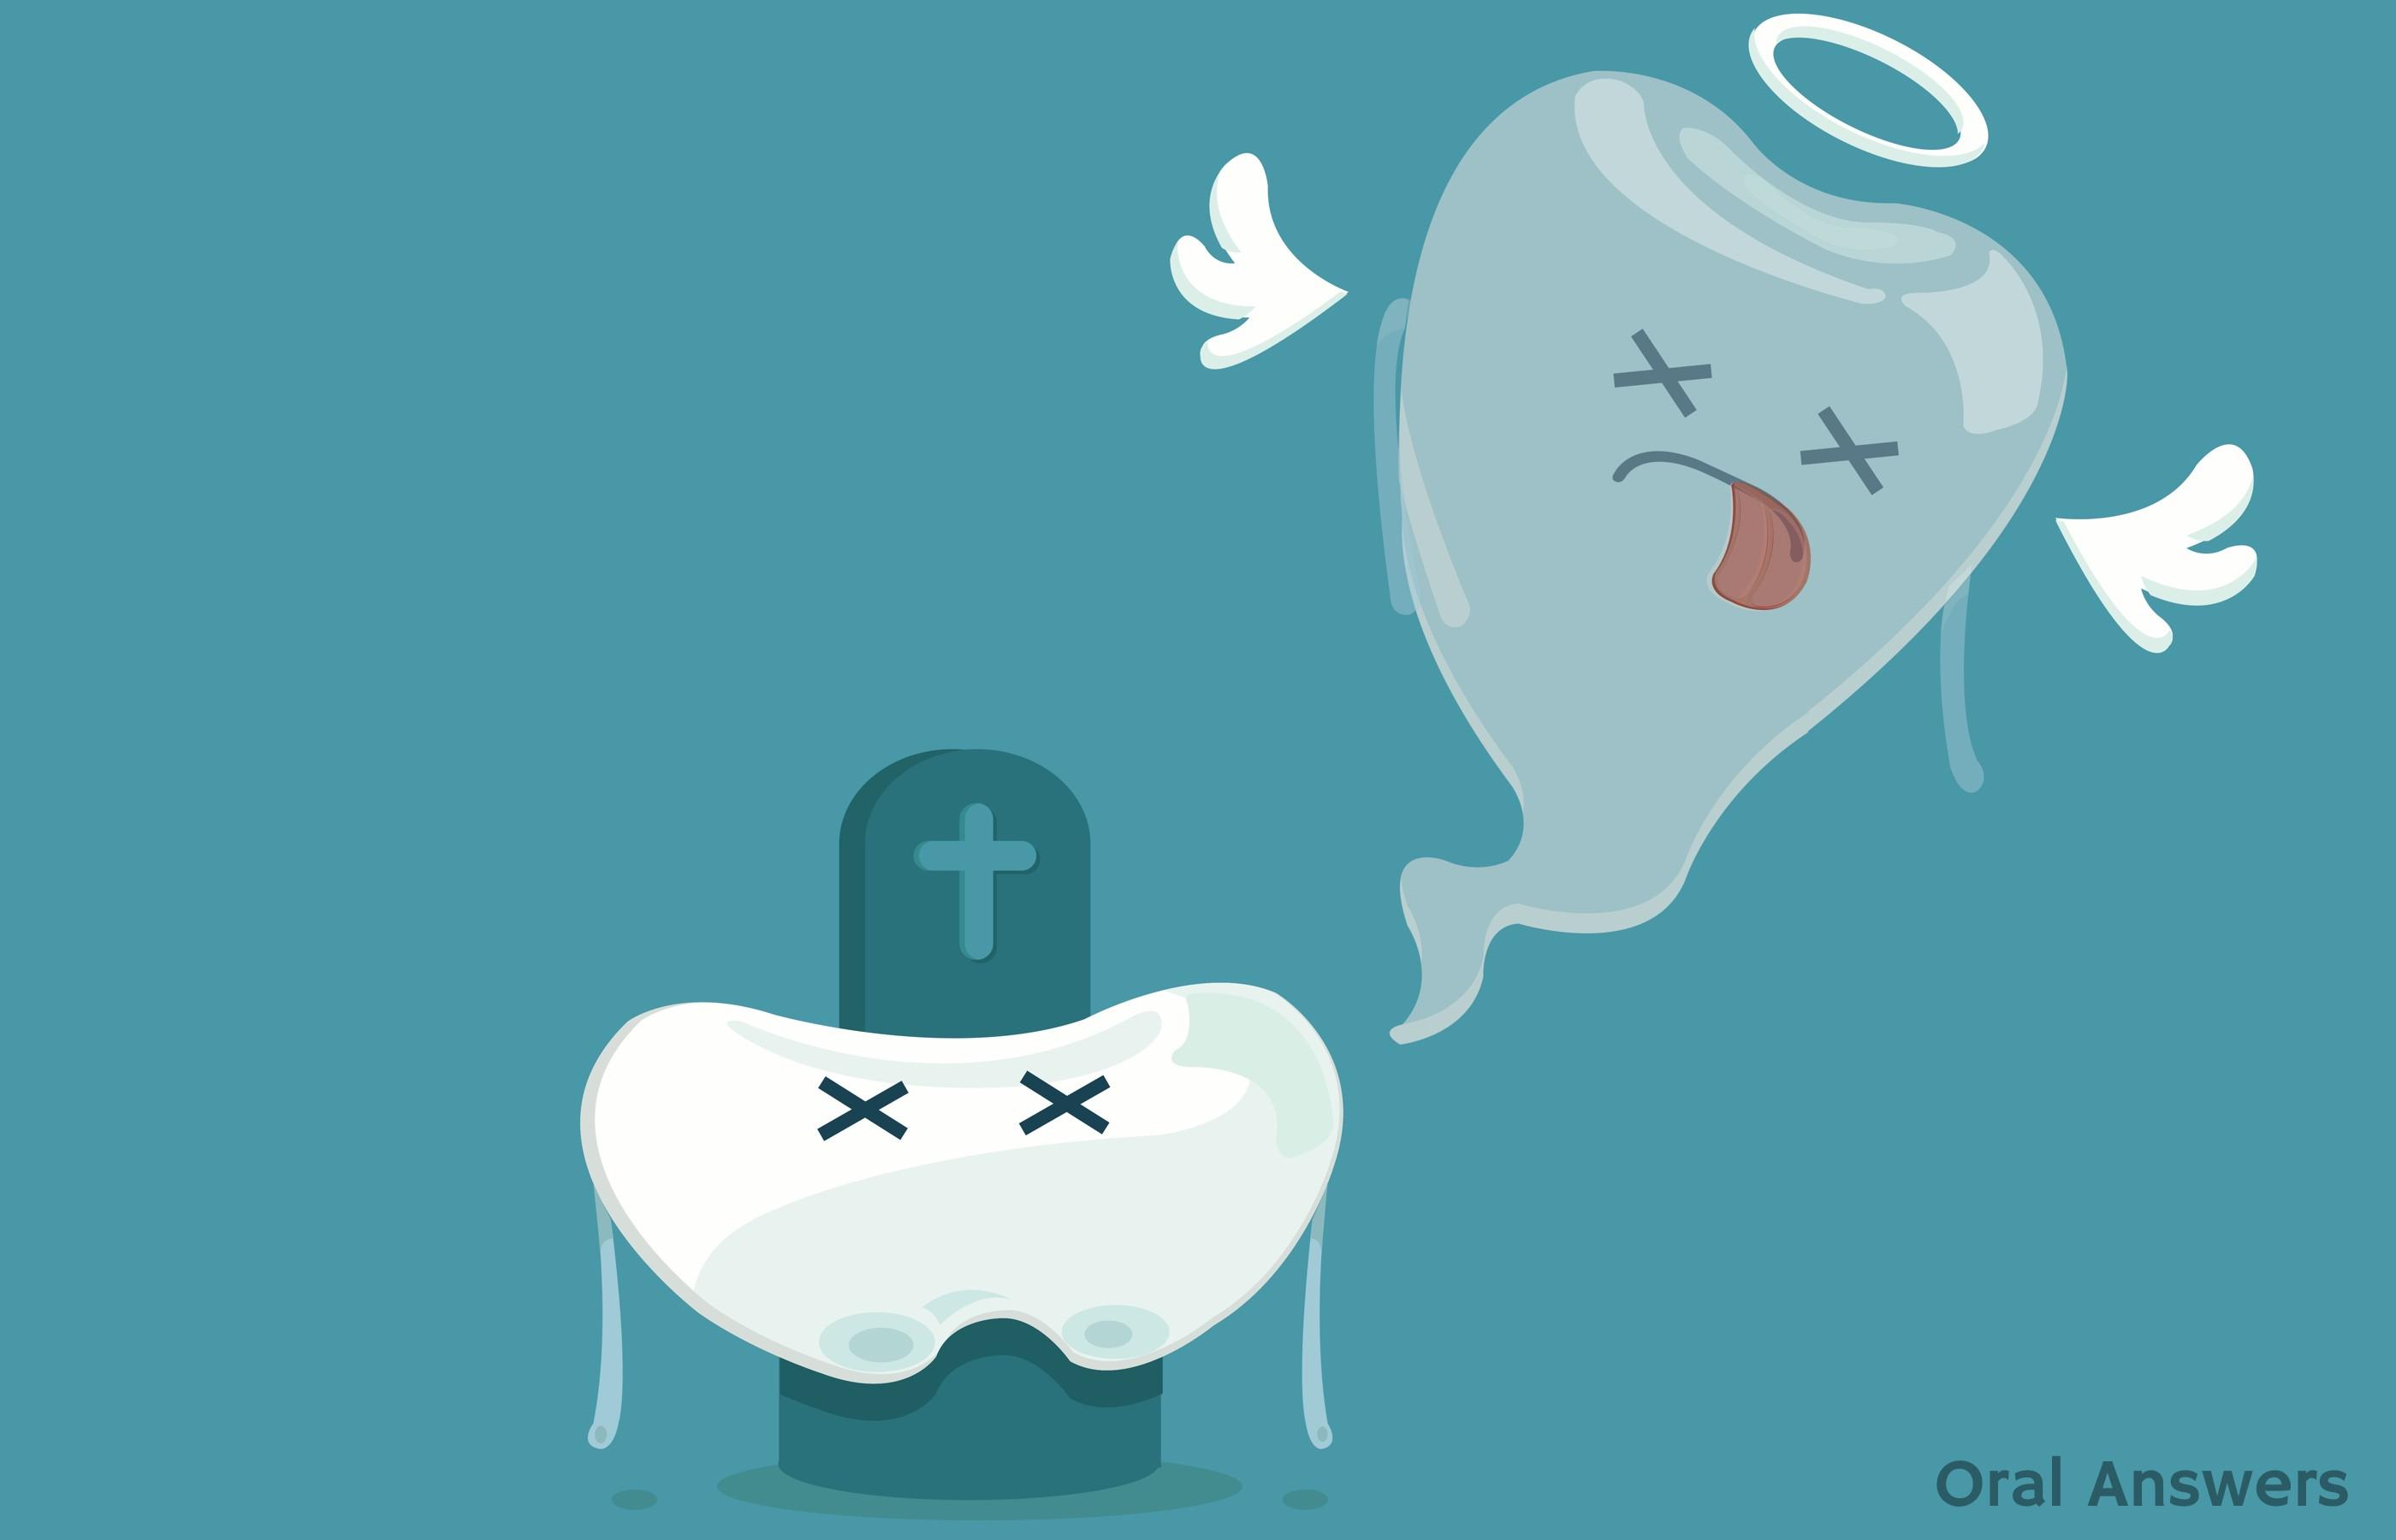 periodontal disease  u2013 not cavities  u2013 is the leading cause